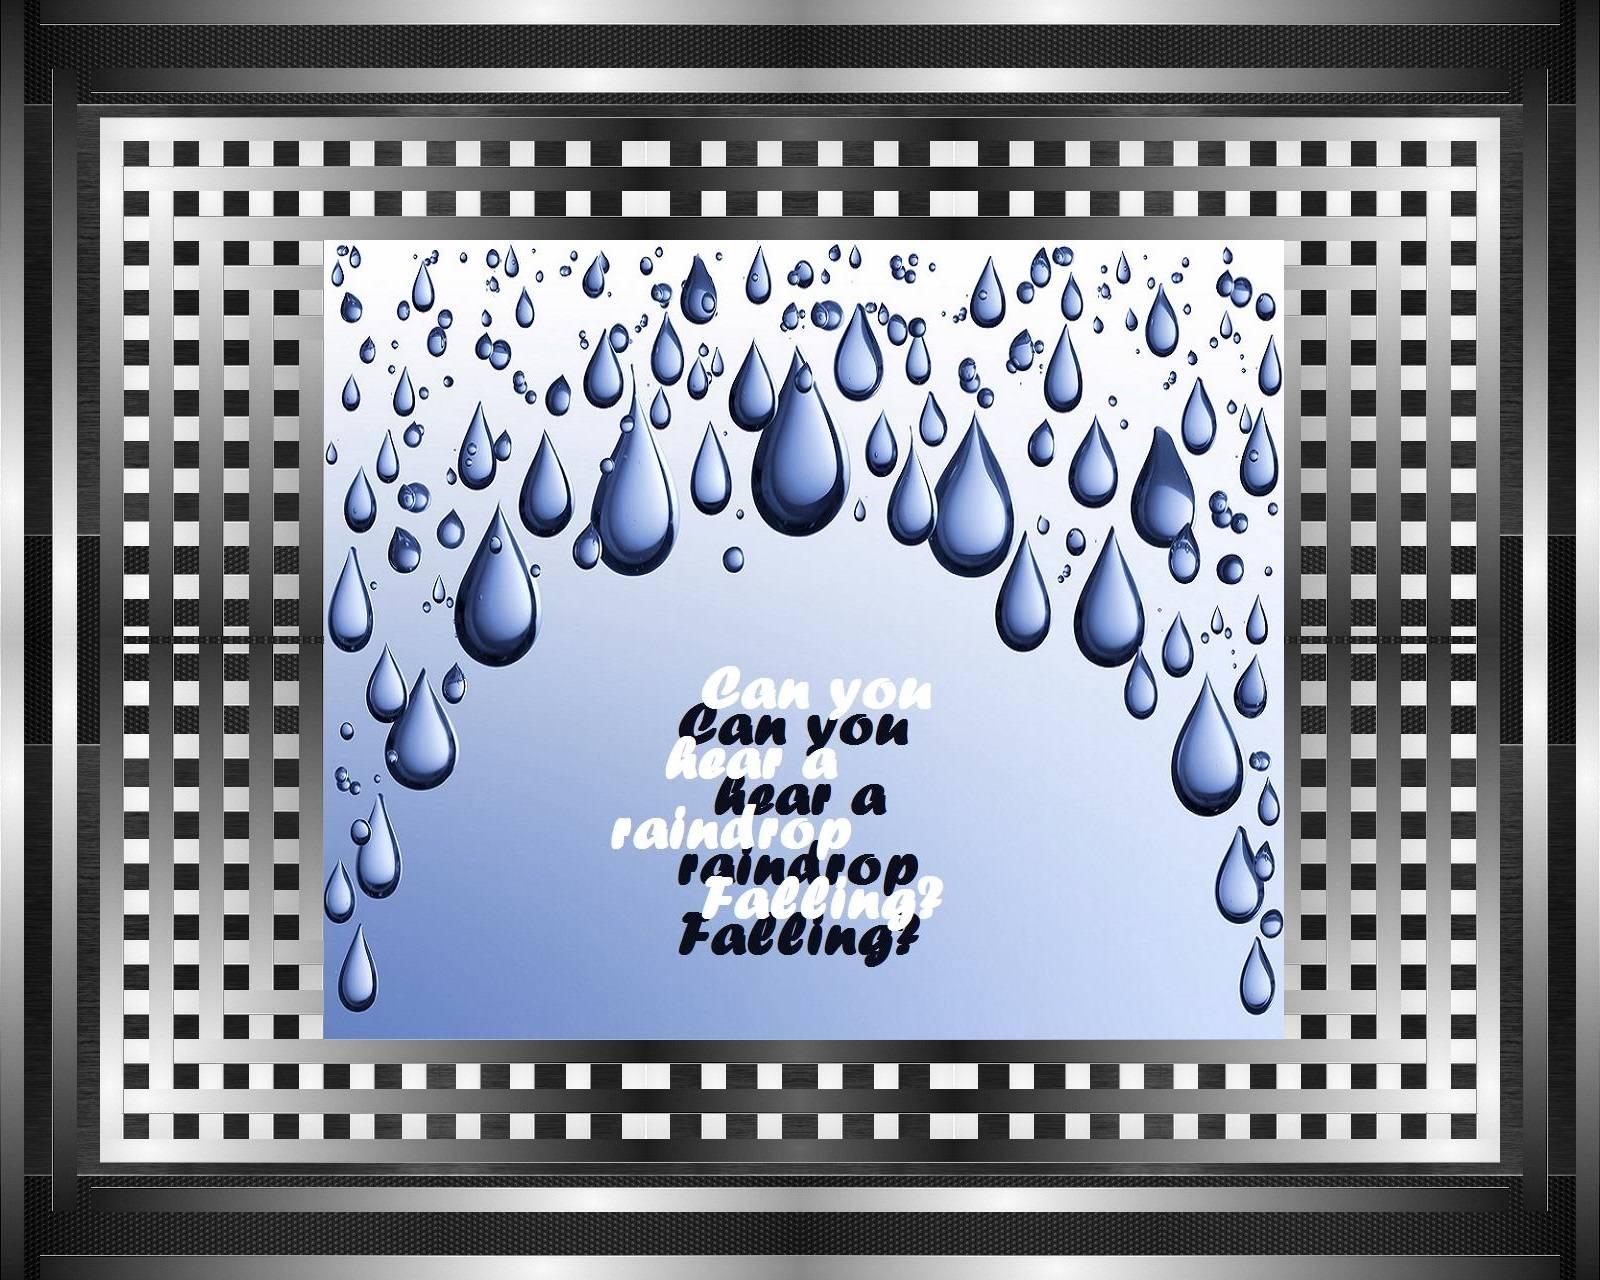 Rain drop falling